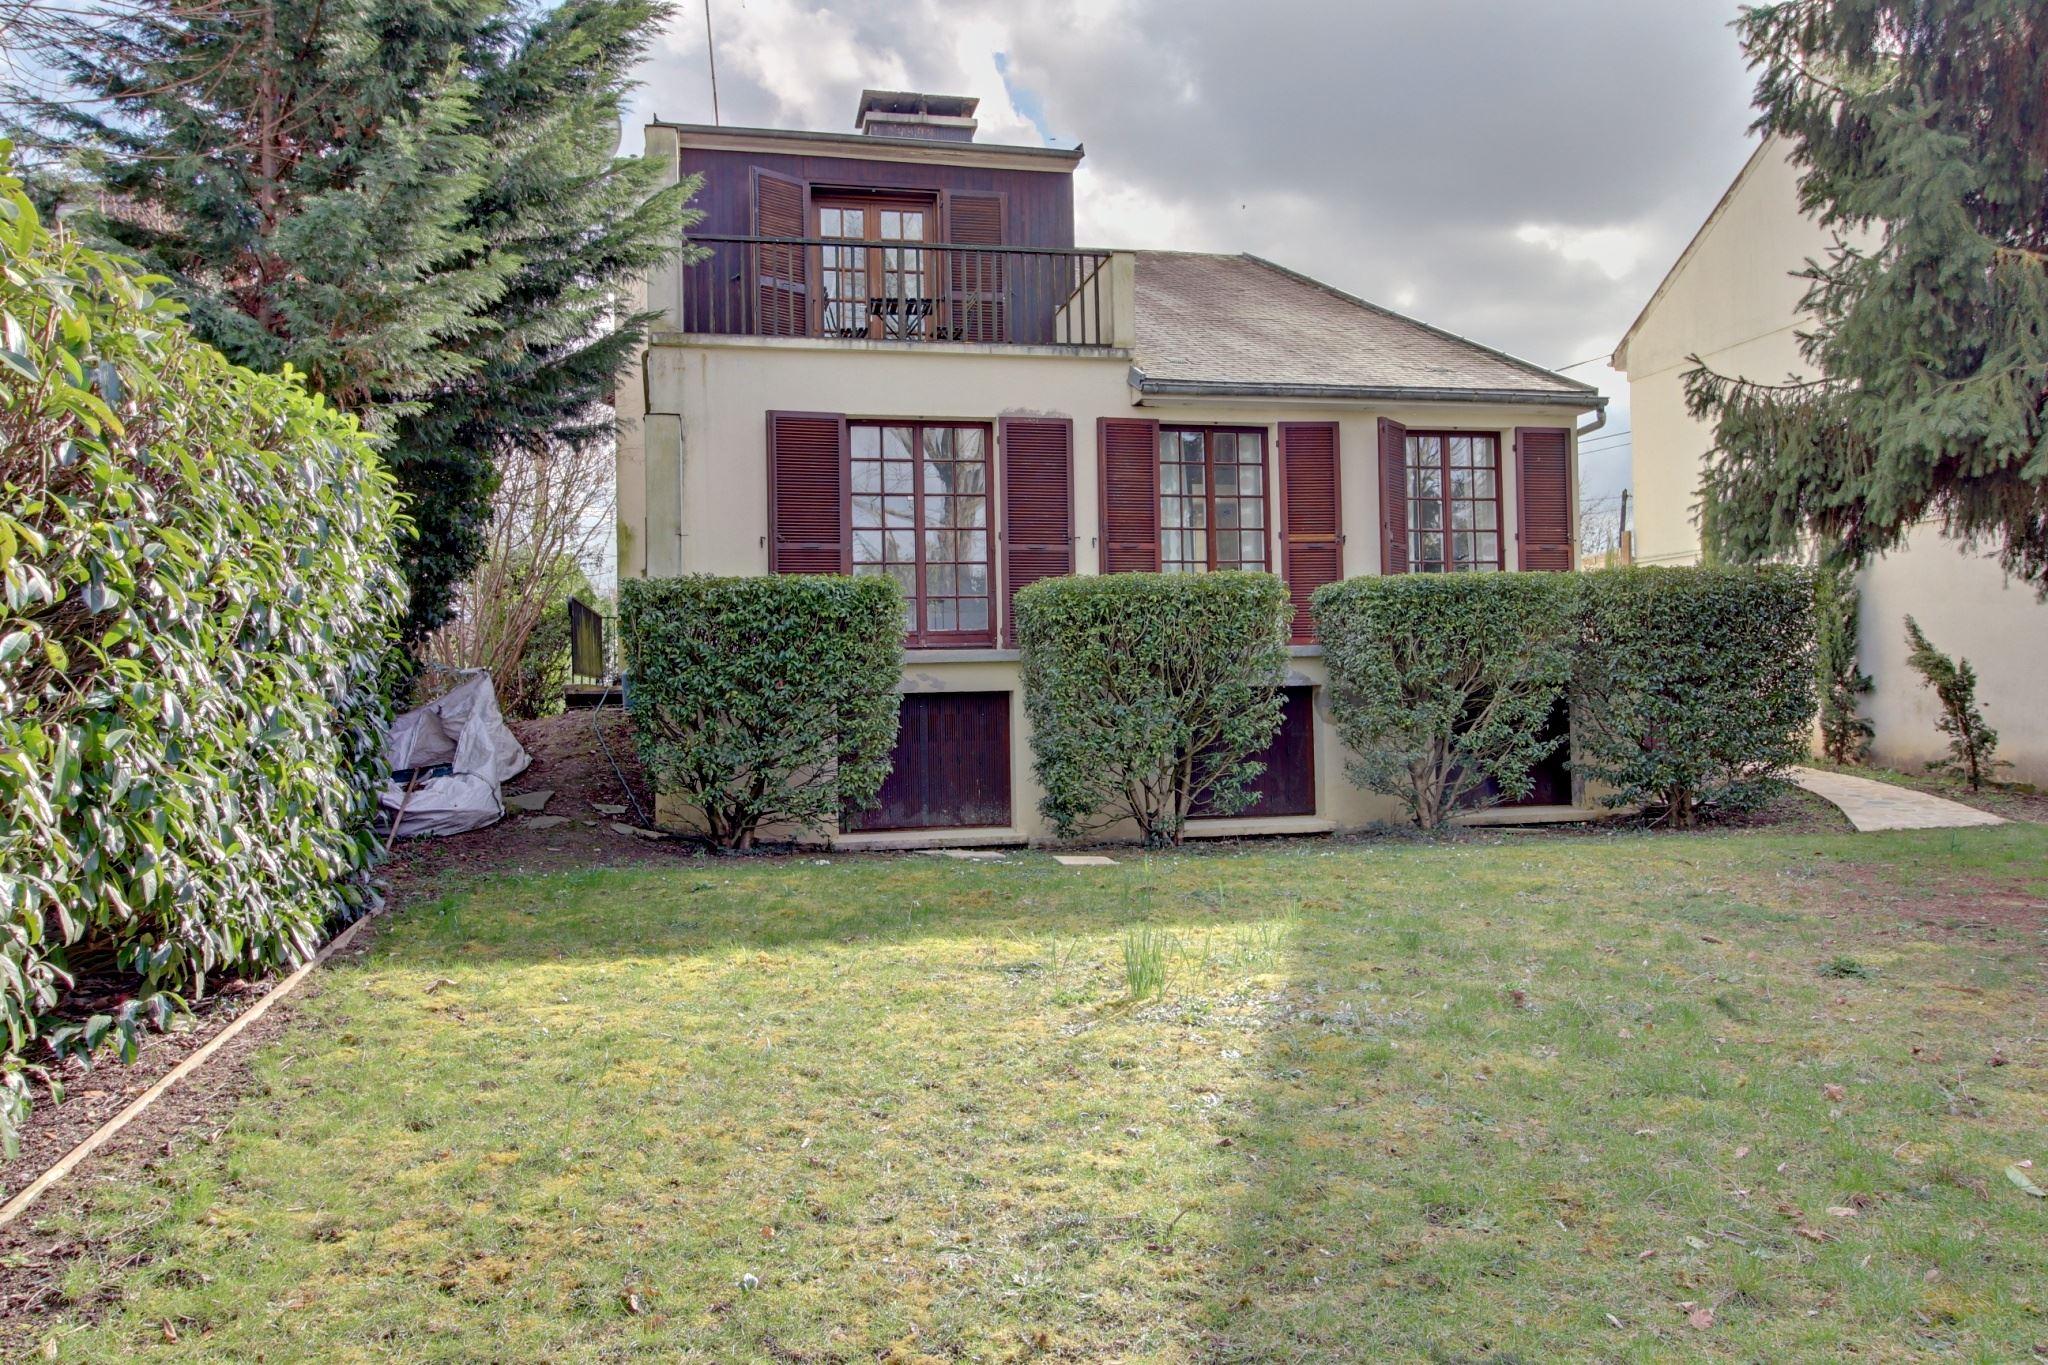 Achat-Vente-Maison-Ile-De-France-YVELINES-LES-MUREAUX